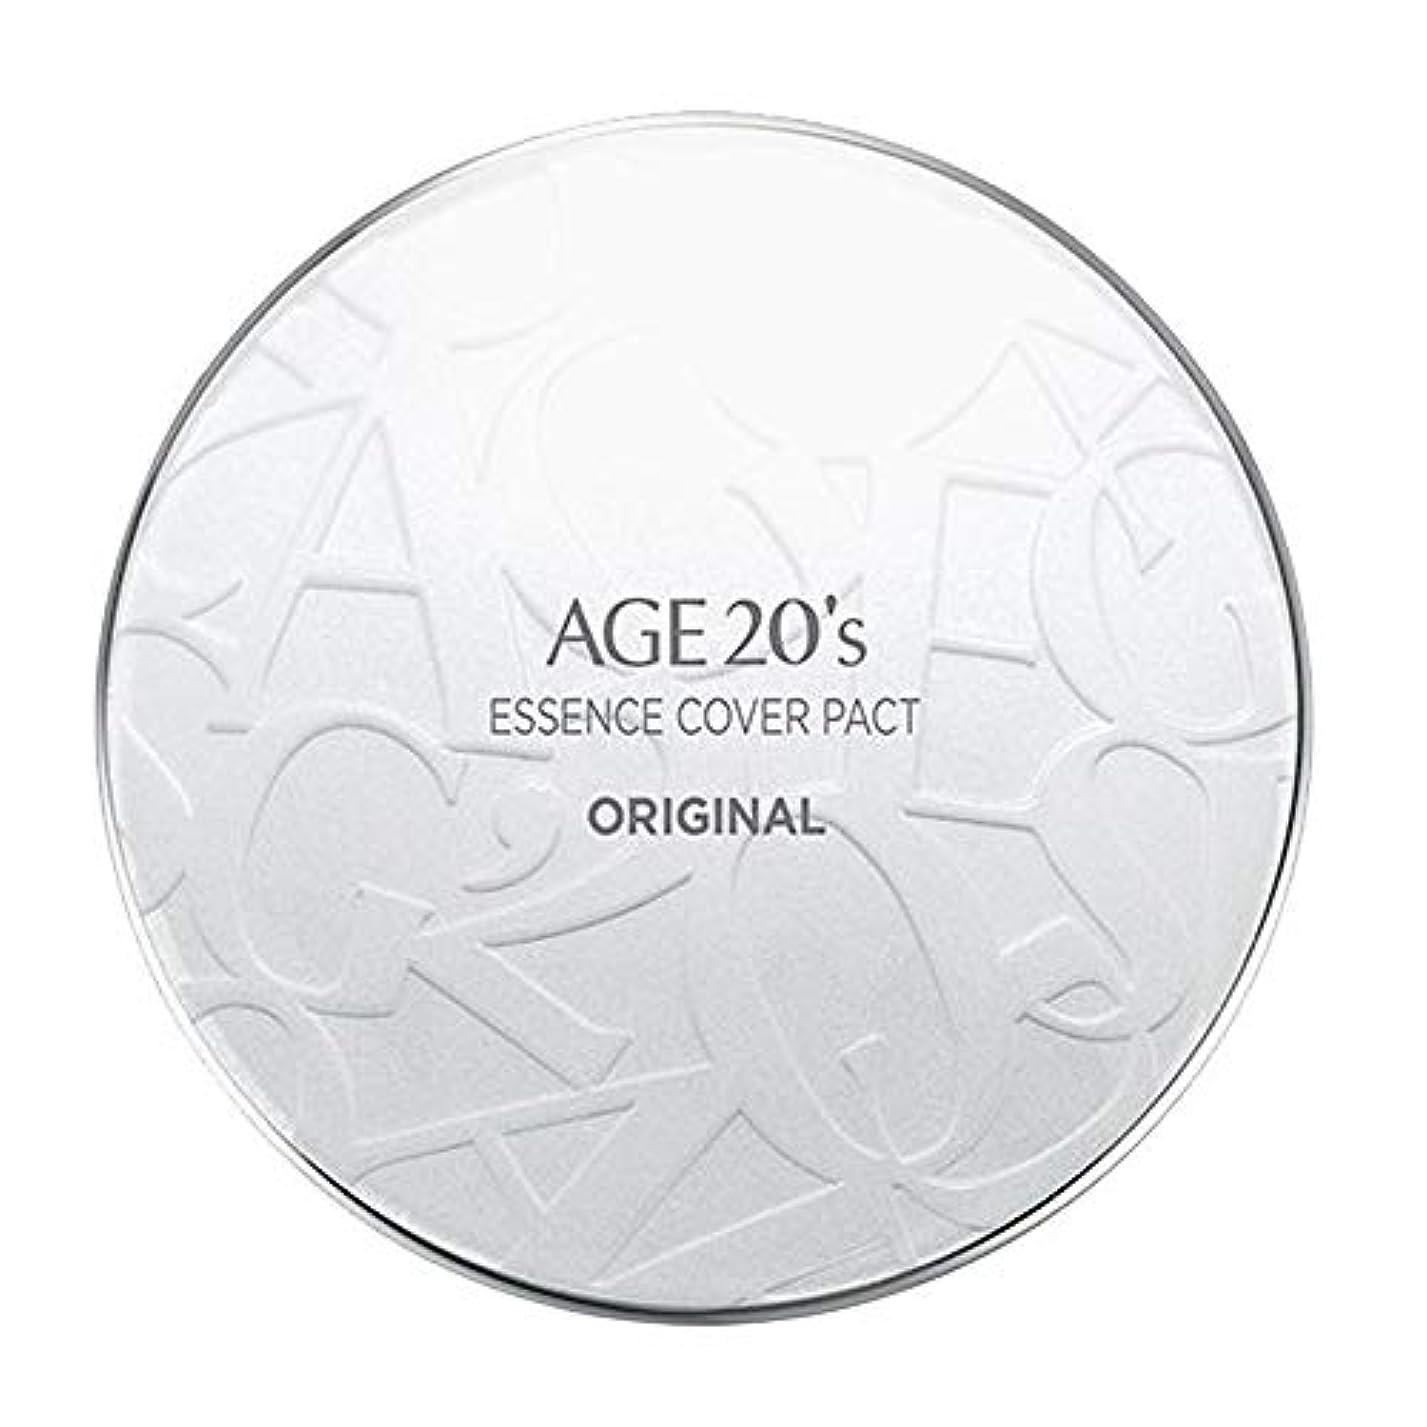 キャンセル内部逸脱AGE 20's(エイジ20's) エッセンスカバーパクトオリジナル(本品1個+リフィル2個付)ケースカラーホワイト (23号)